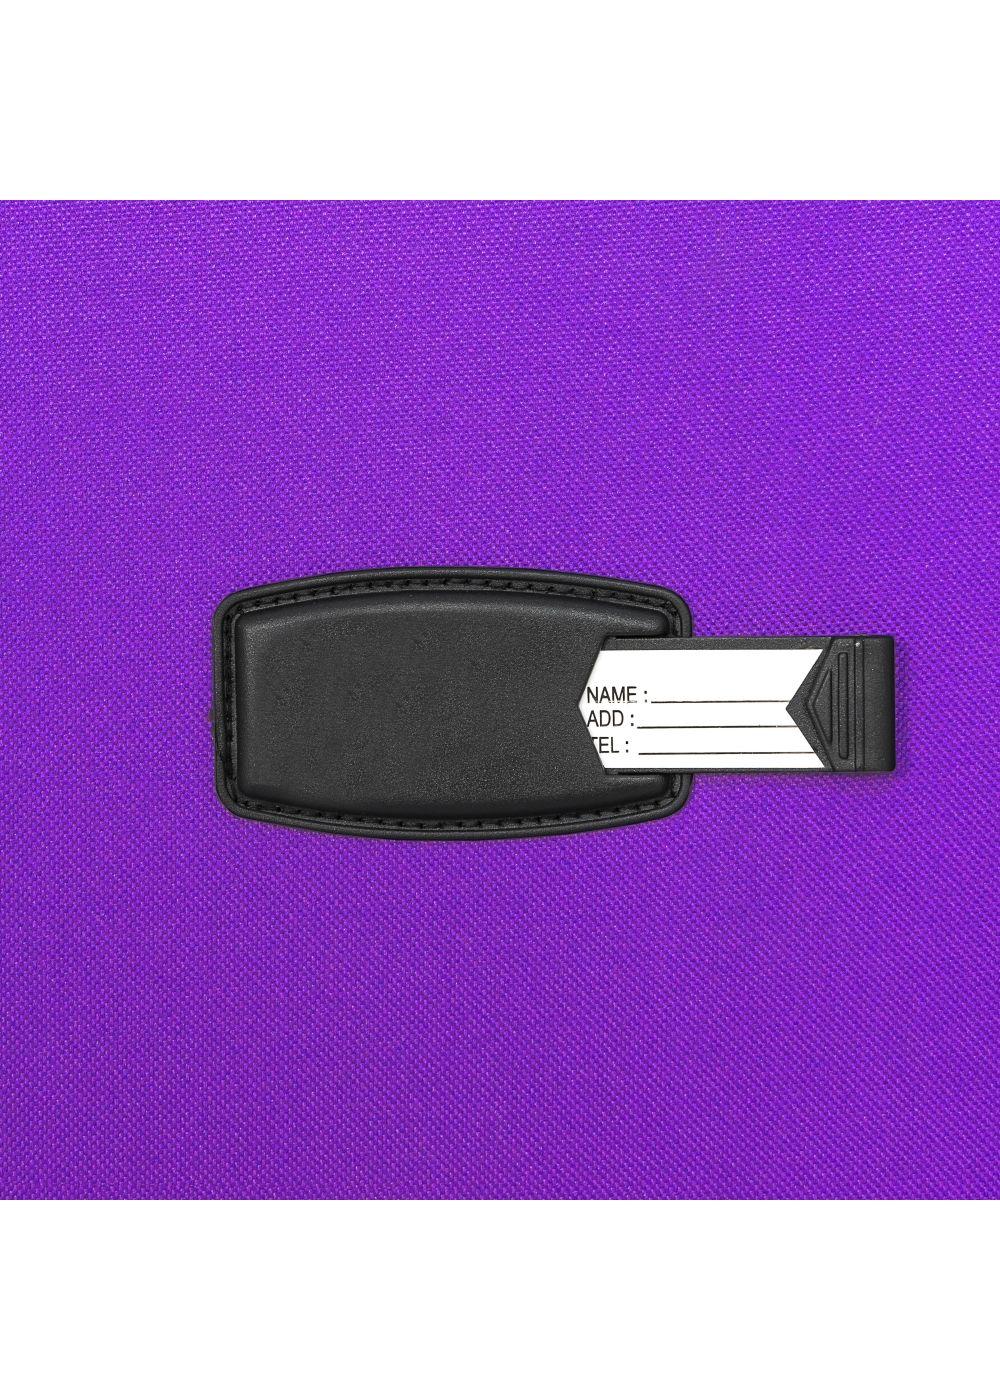 Walizka mała na kółkach WALNY-0030-72-19